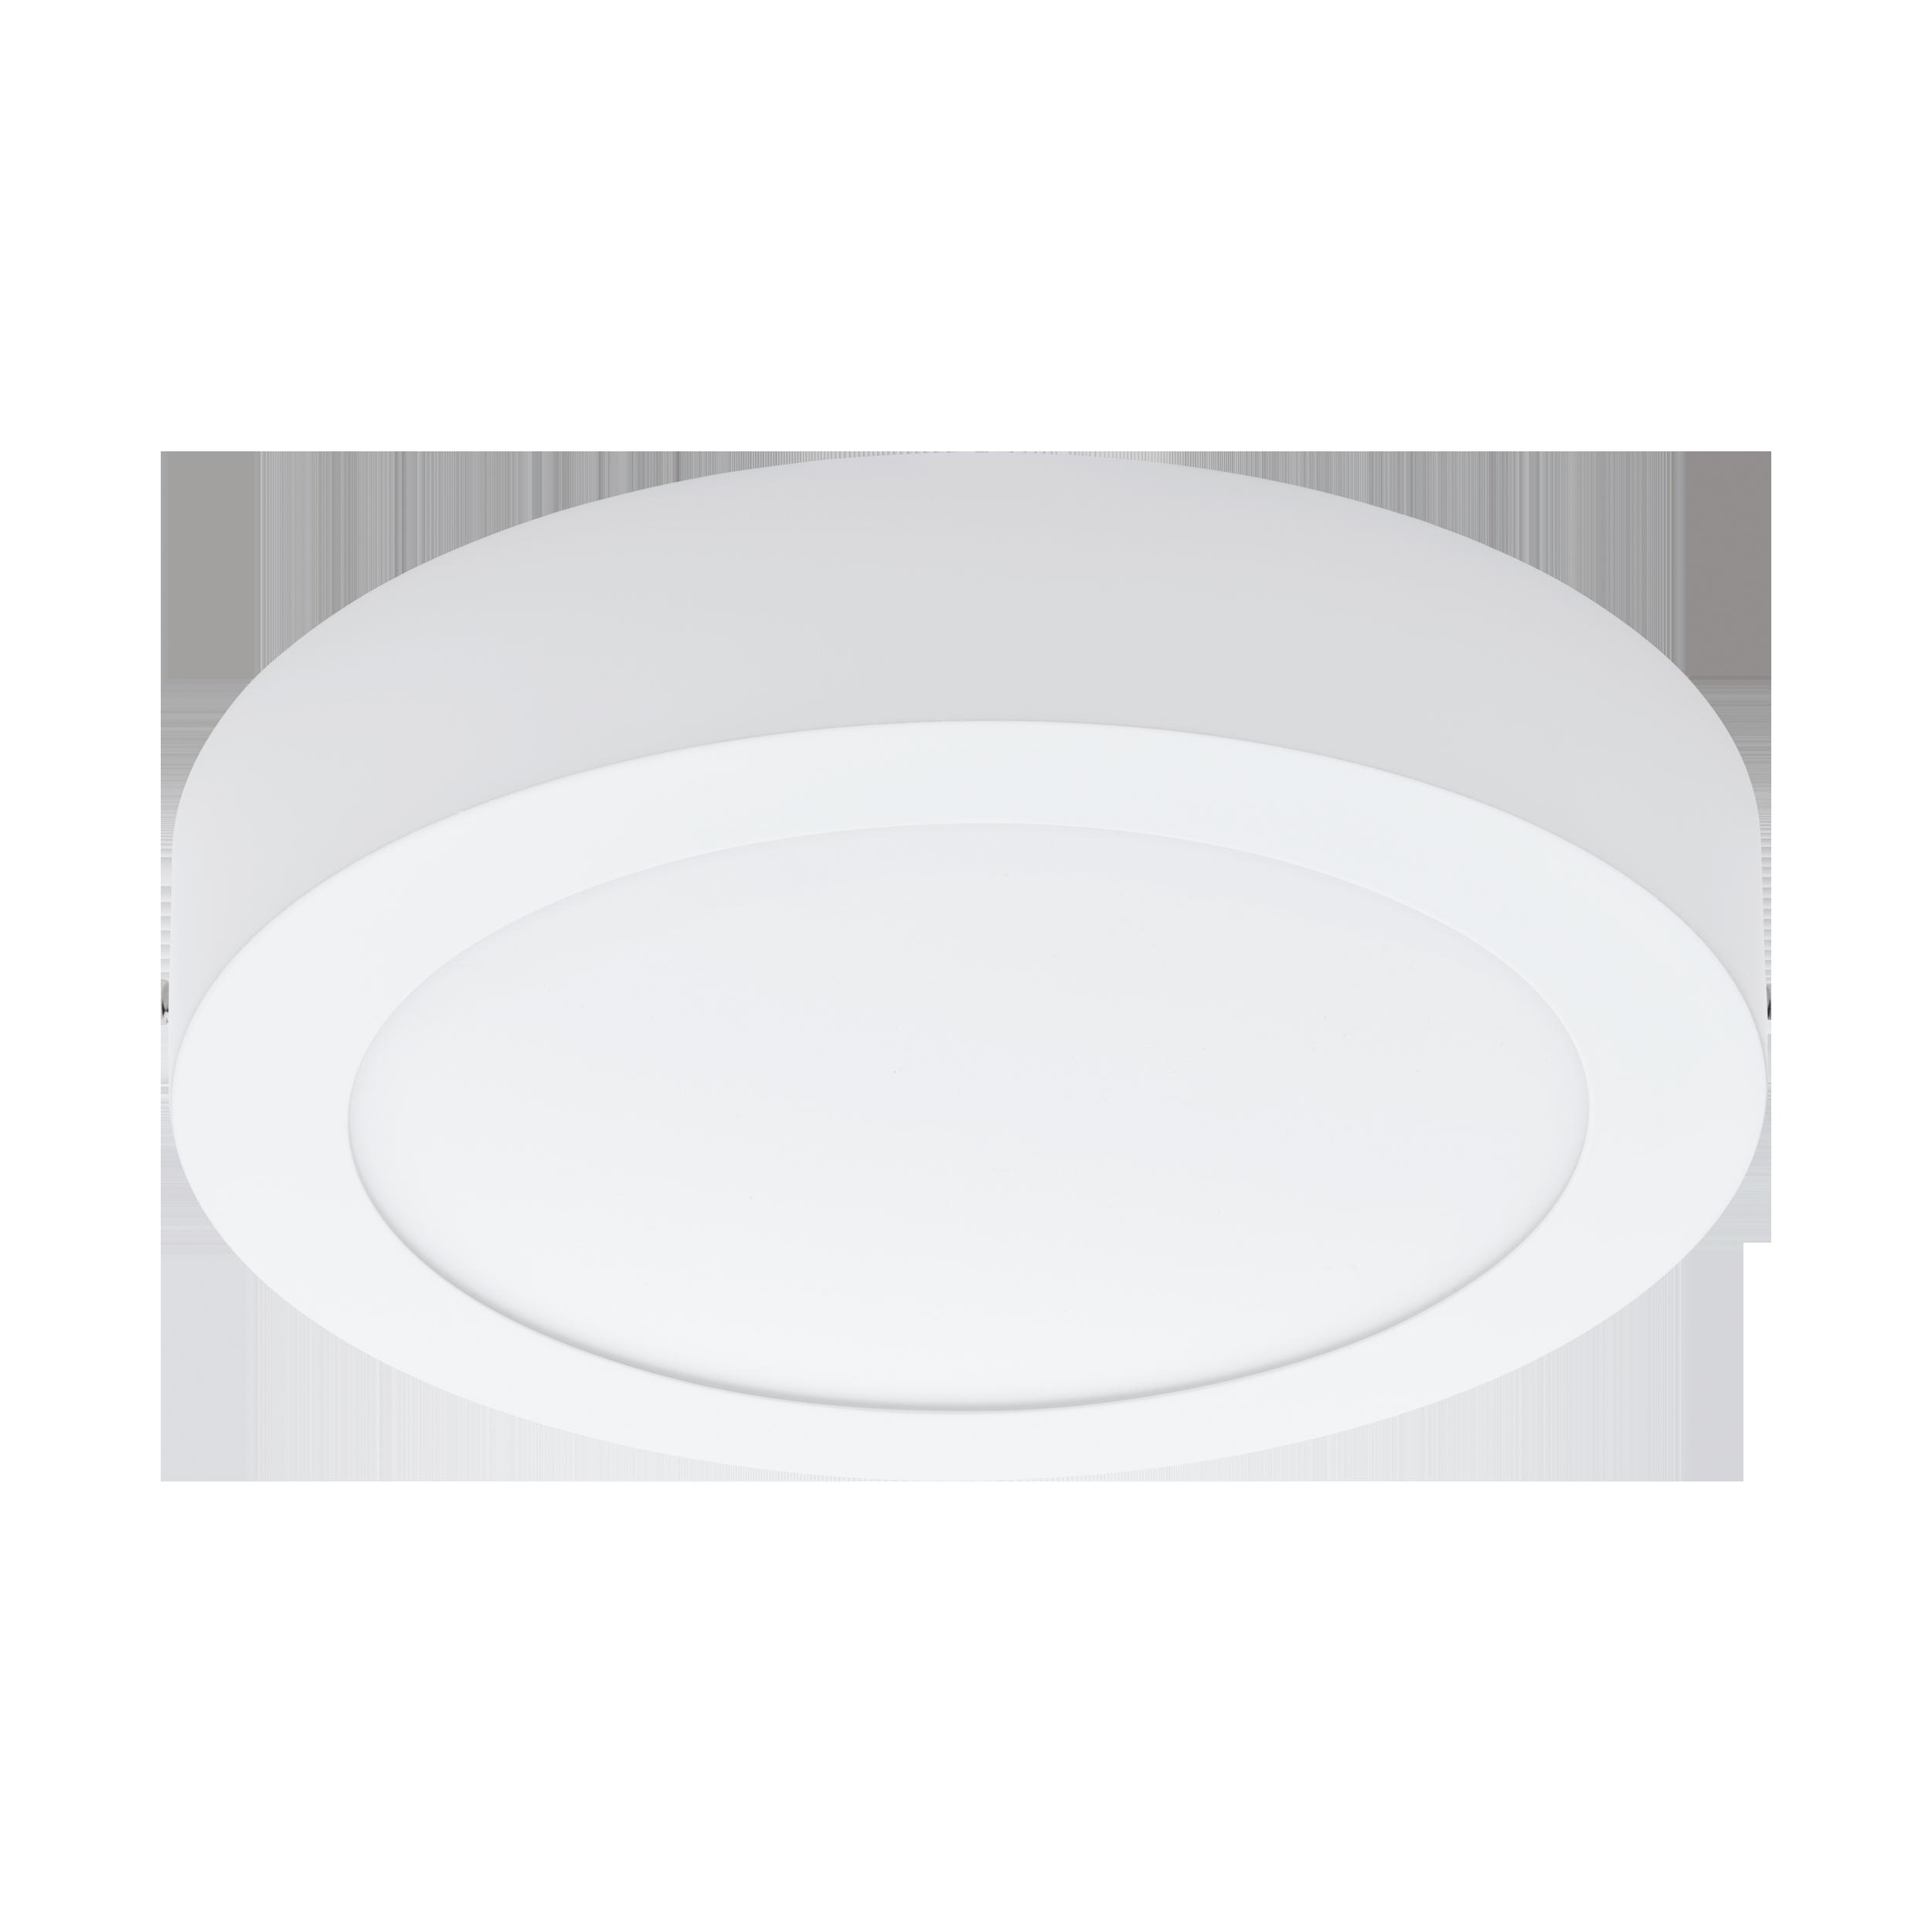 Потолочный светодиодный светильник Eglo Fueva 1 94075, белый, металл, пластик - фото 1